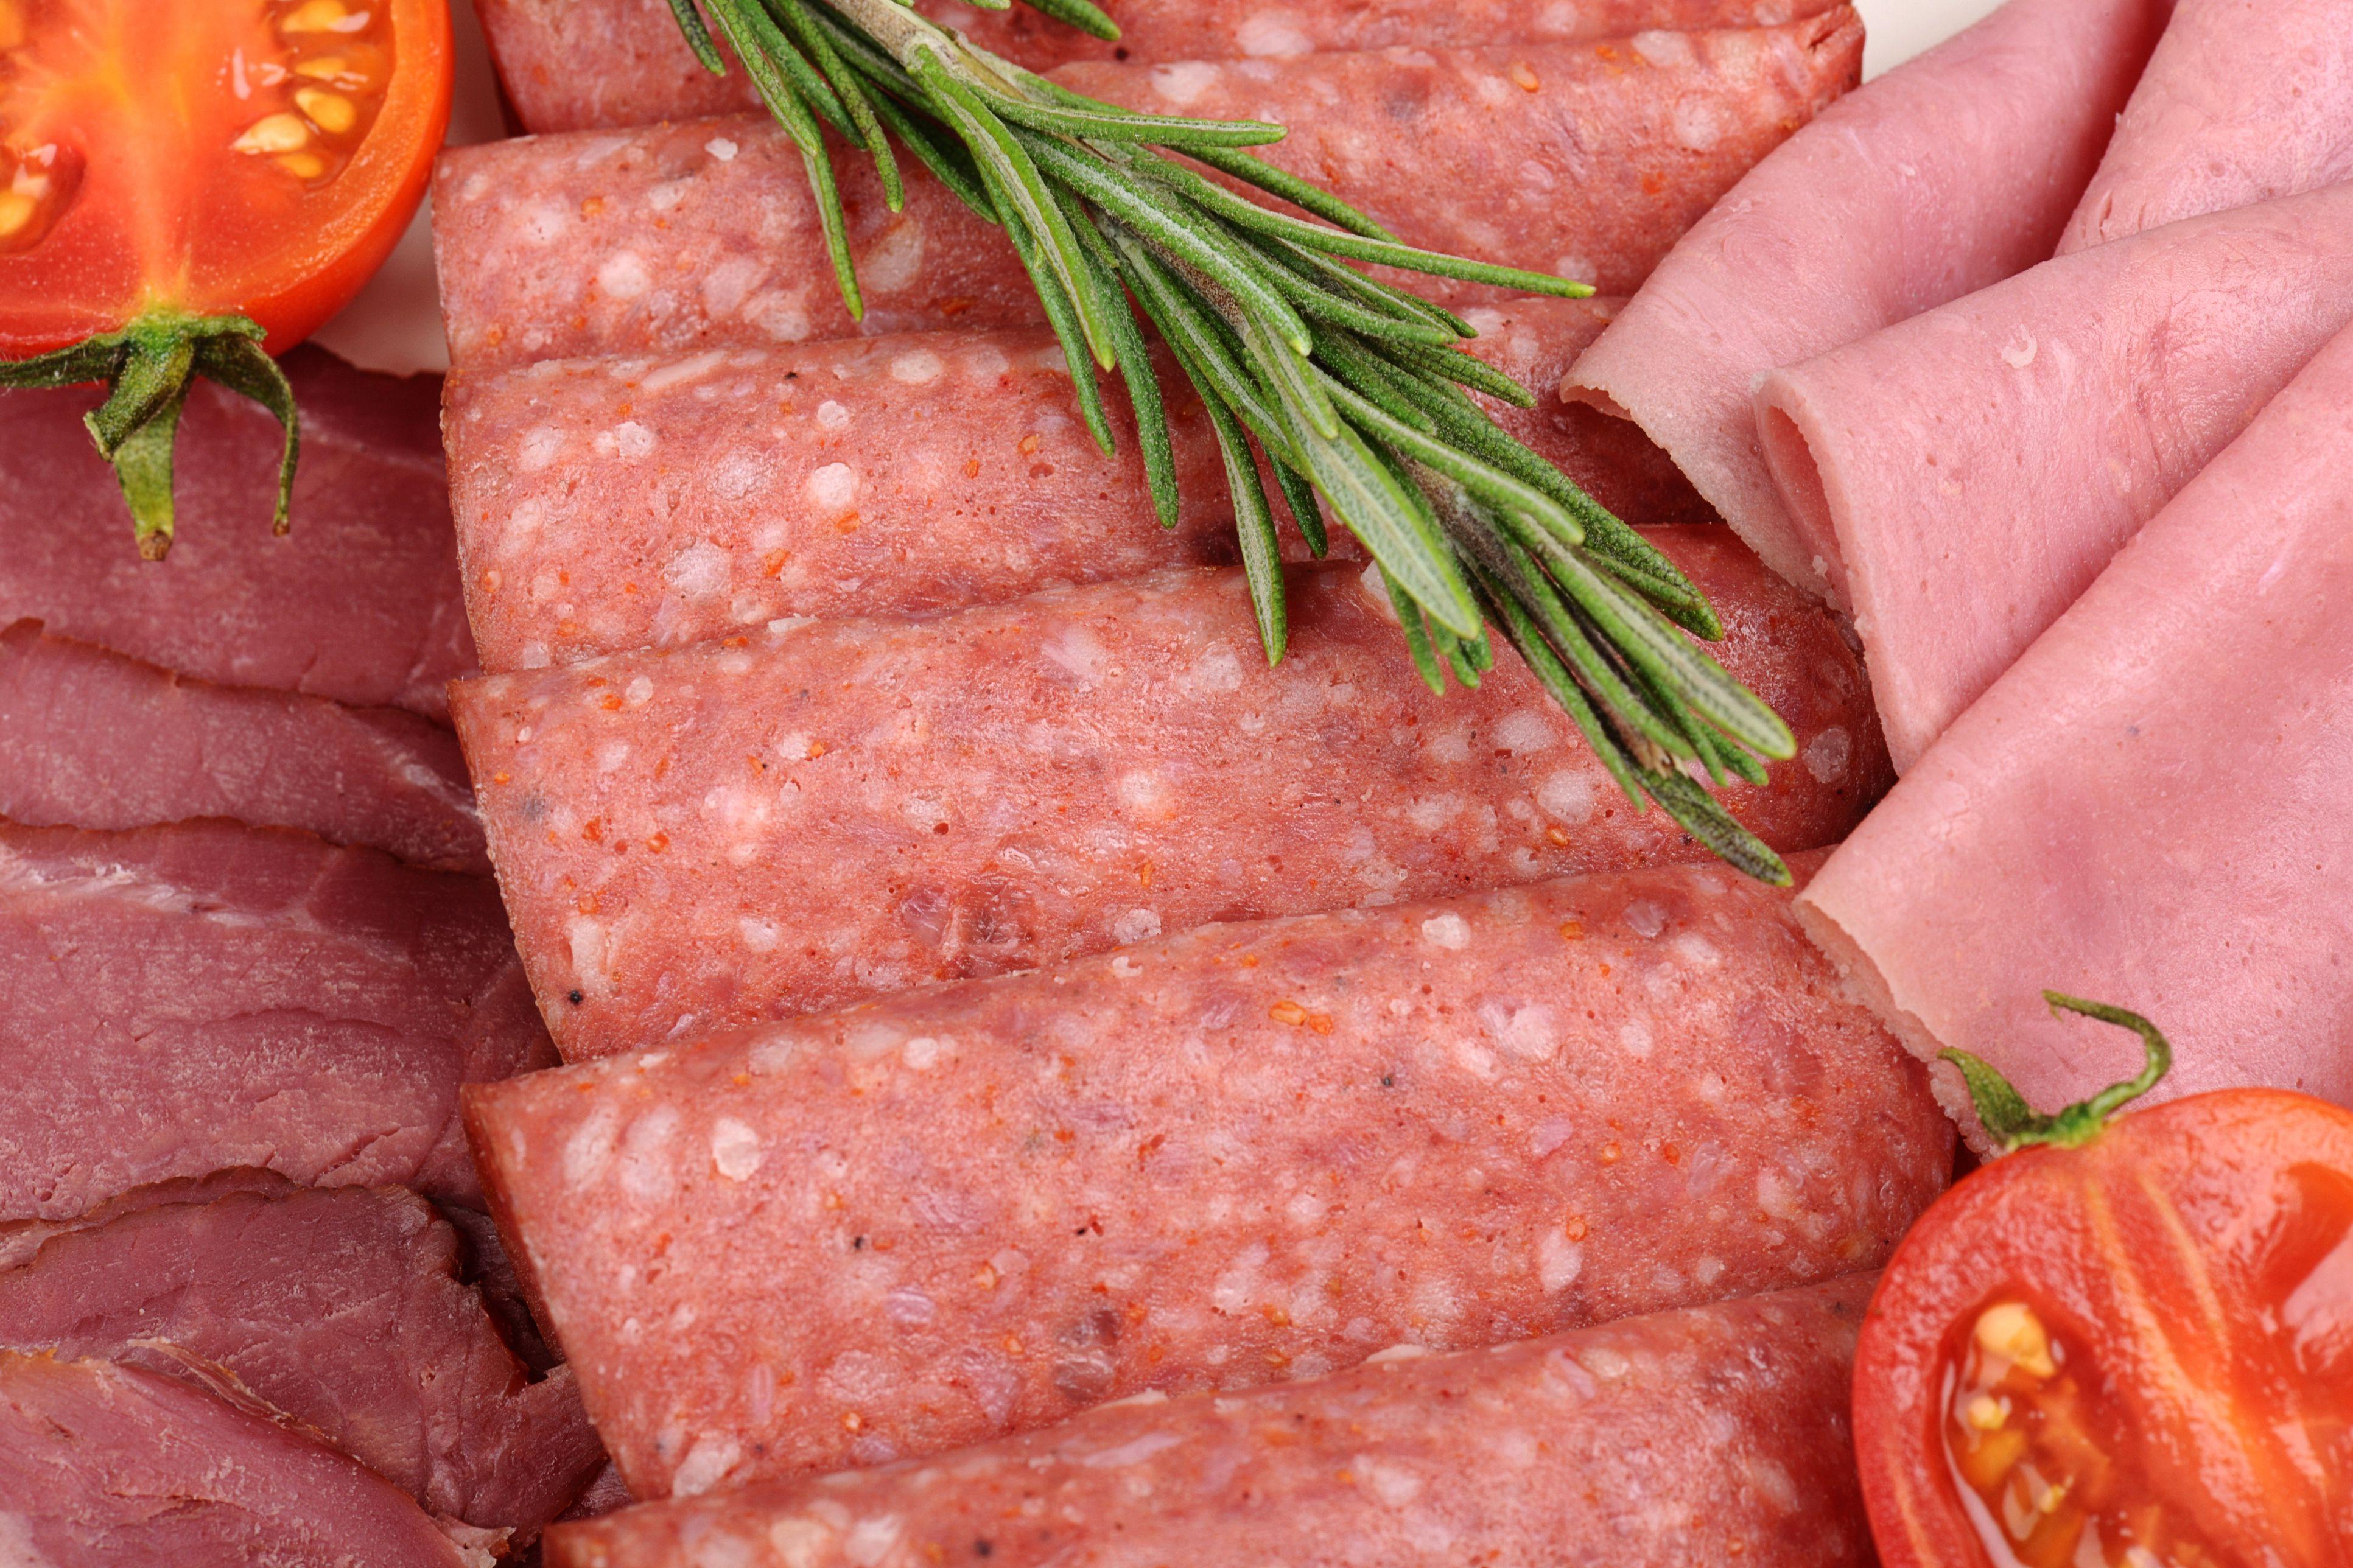 Deli sliced meat